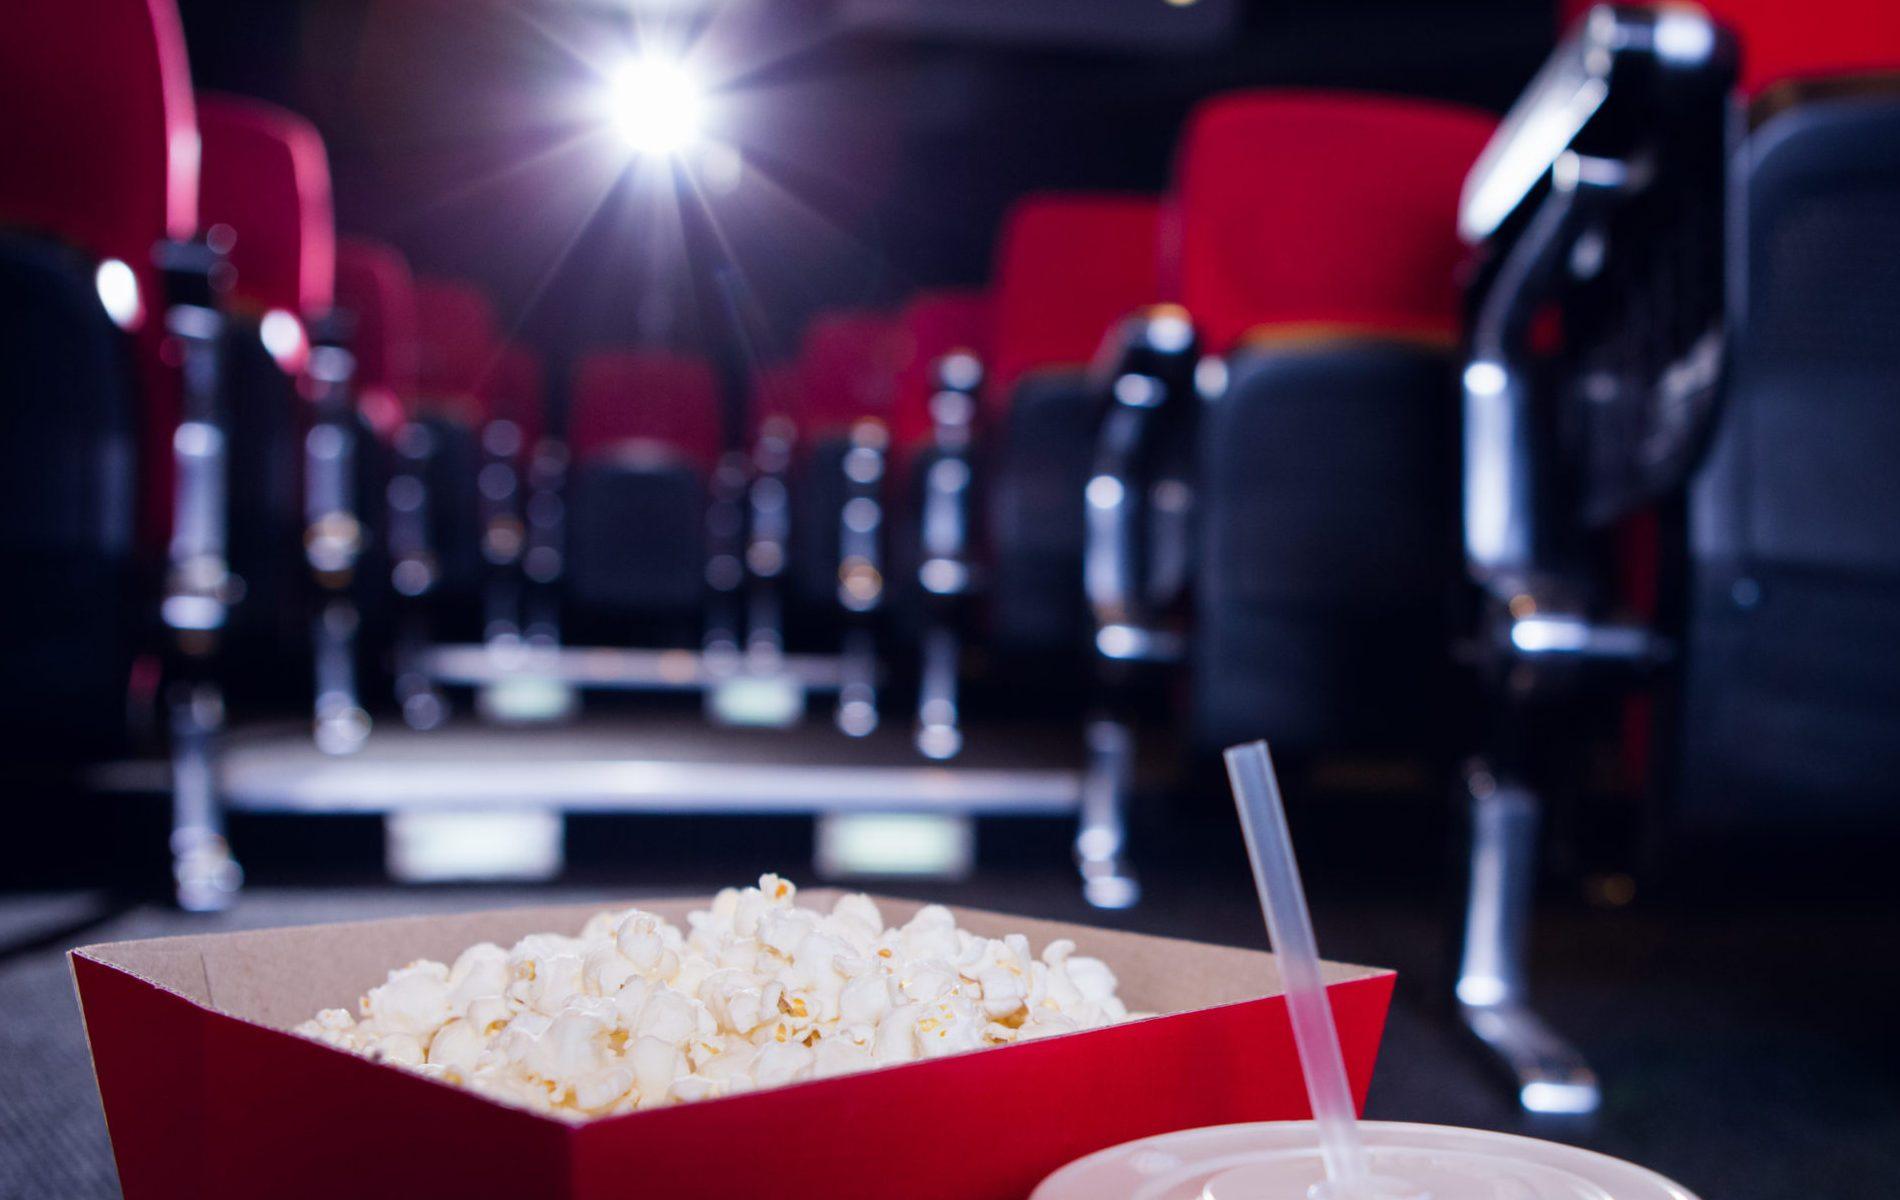 Cinemas da cidade de São Paulo devem realizar sessões adaptadas a crianças e adolescentes com Transtorno do Espectro Autista (Crédito: Shutterstock)